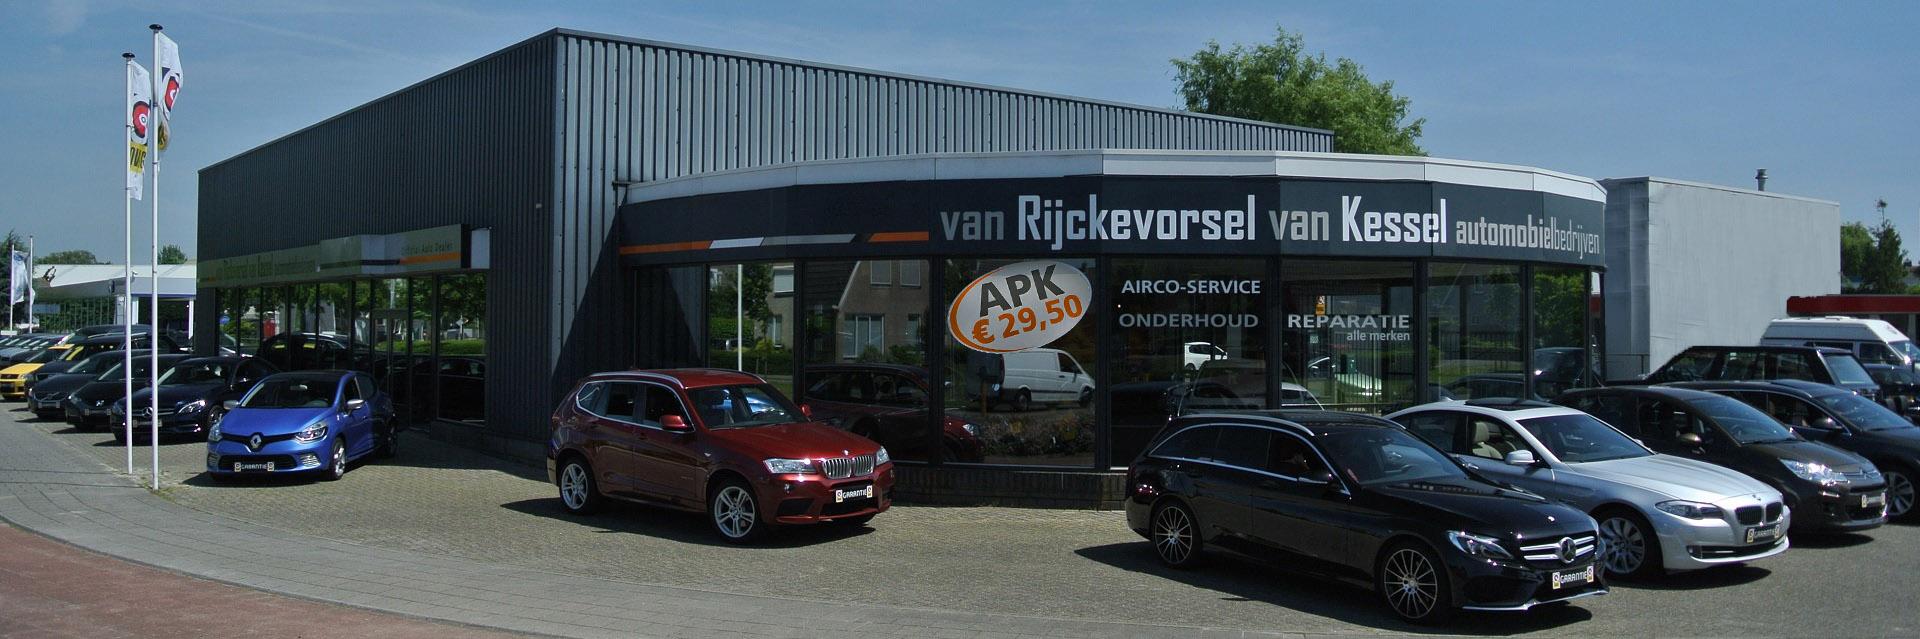 Autobedrijf van Rijckevorsel Zevenbergen